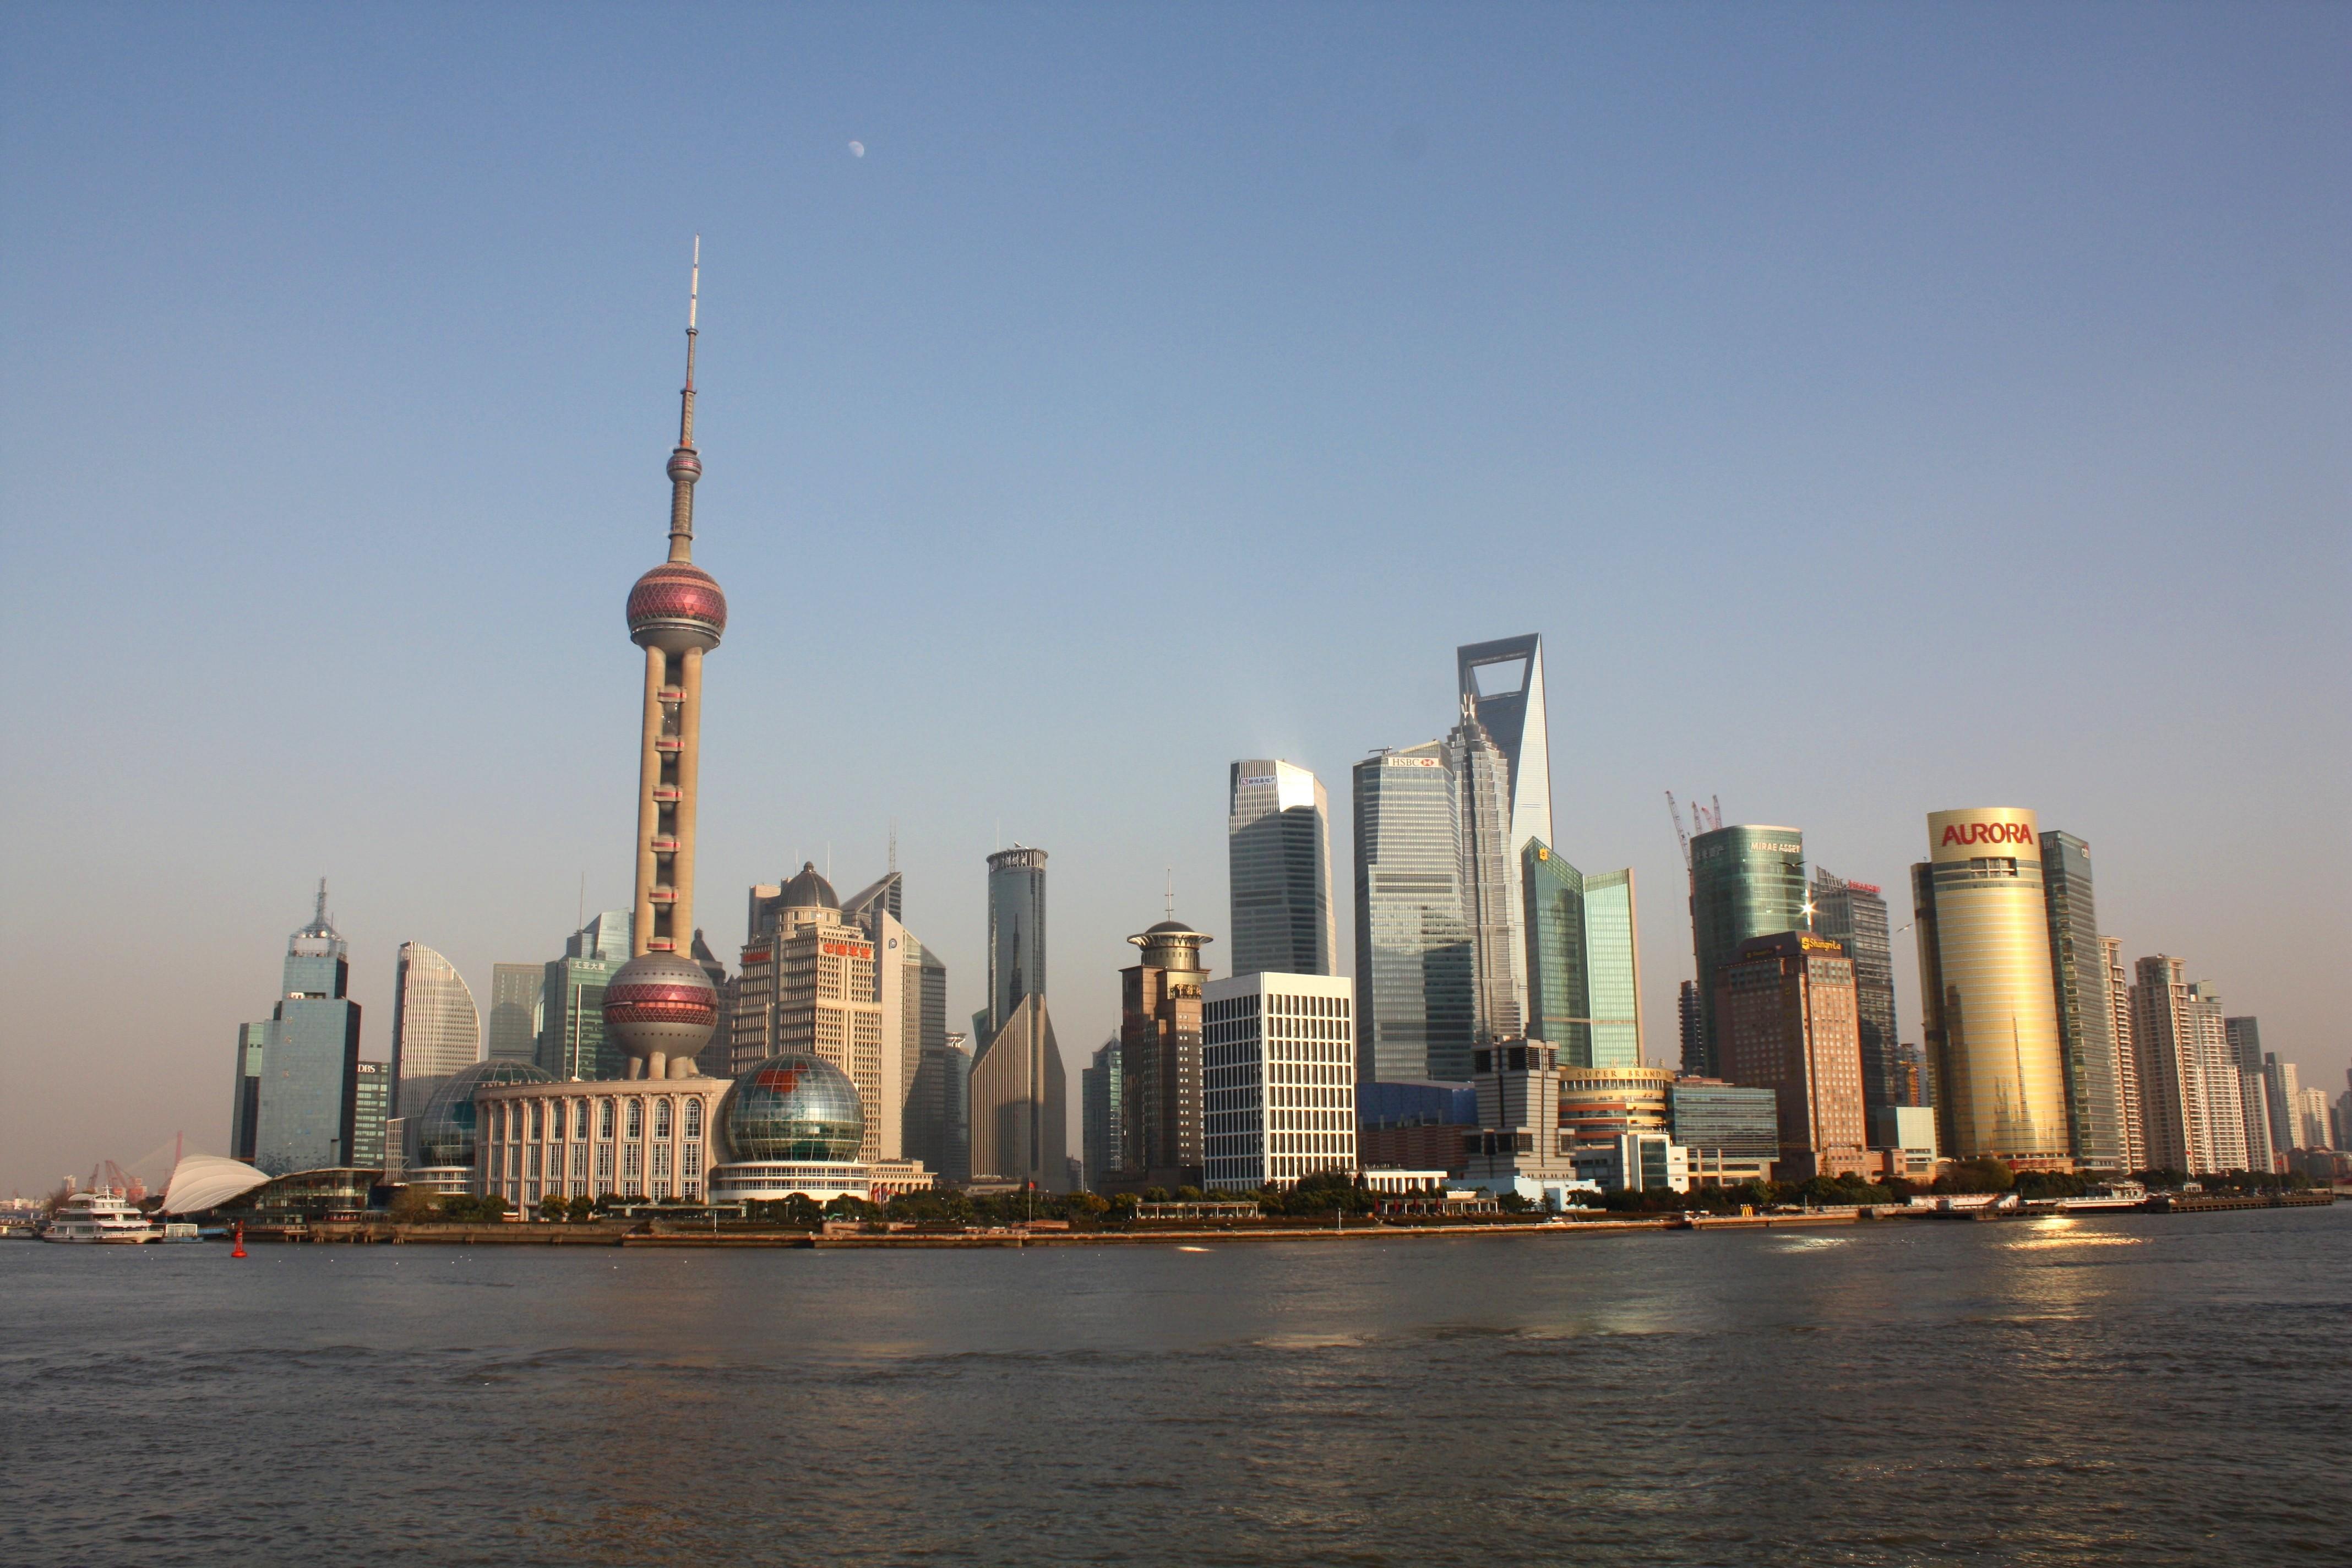 Shanghai, photo by J. Patrick Fischer